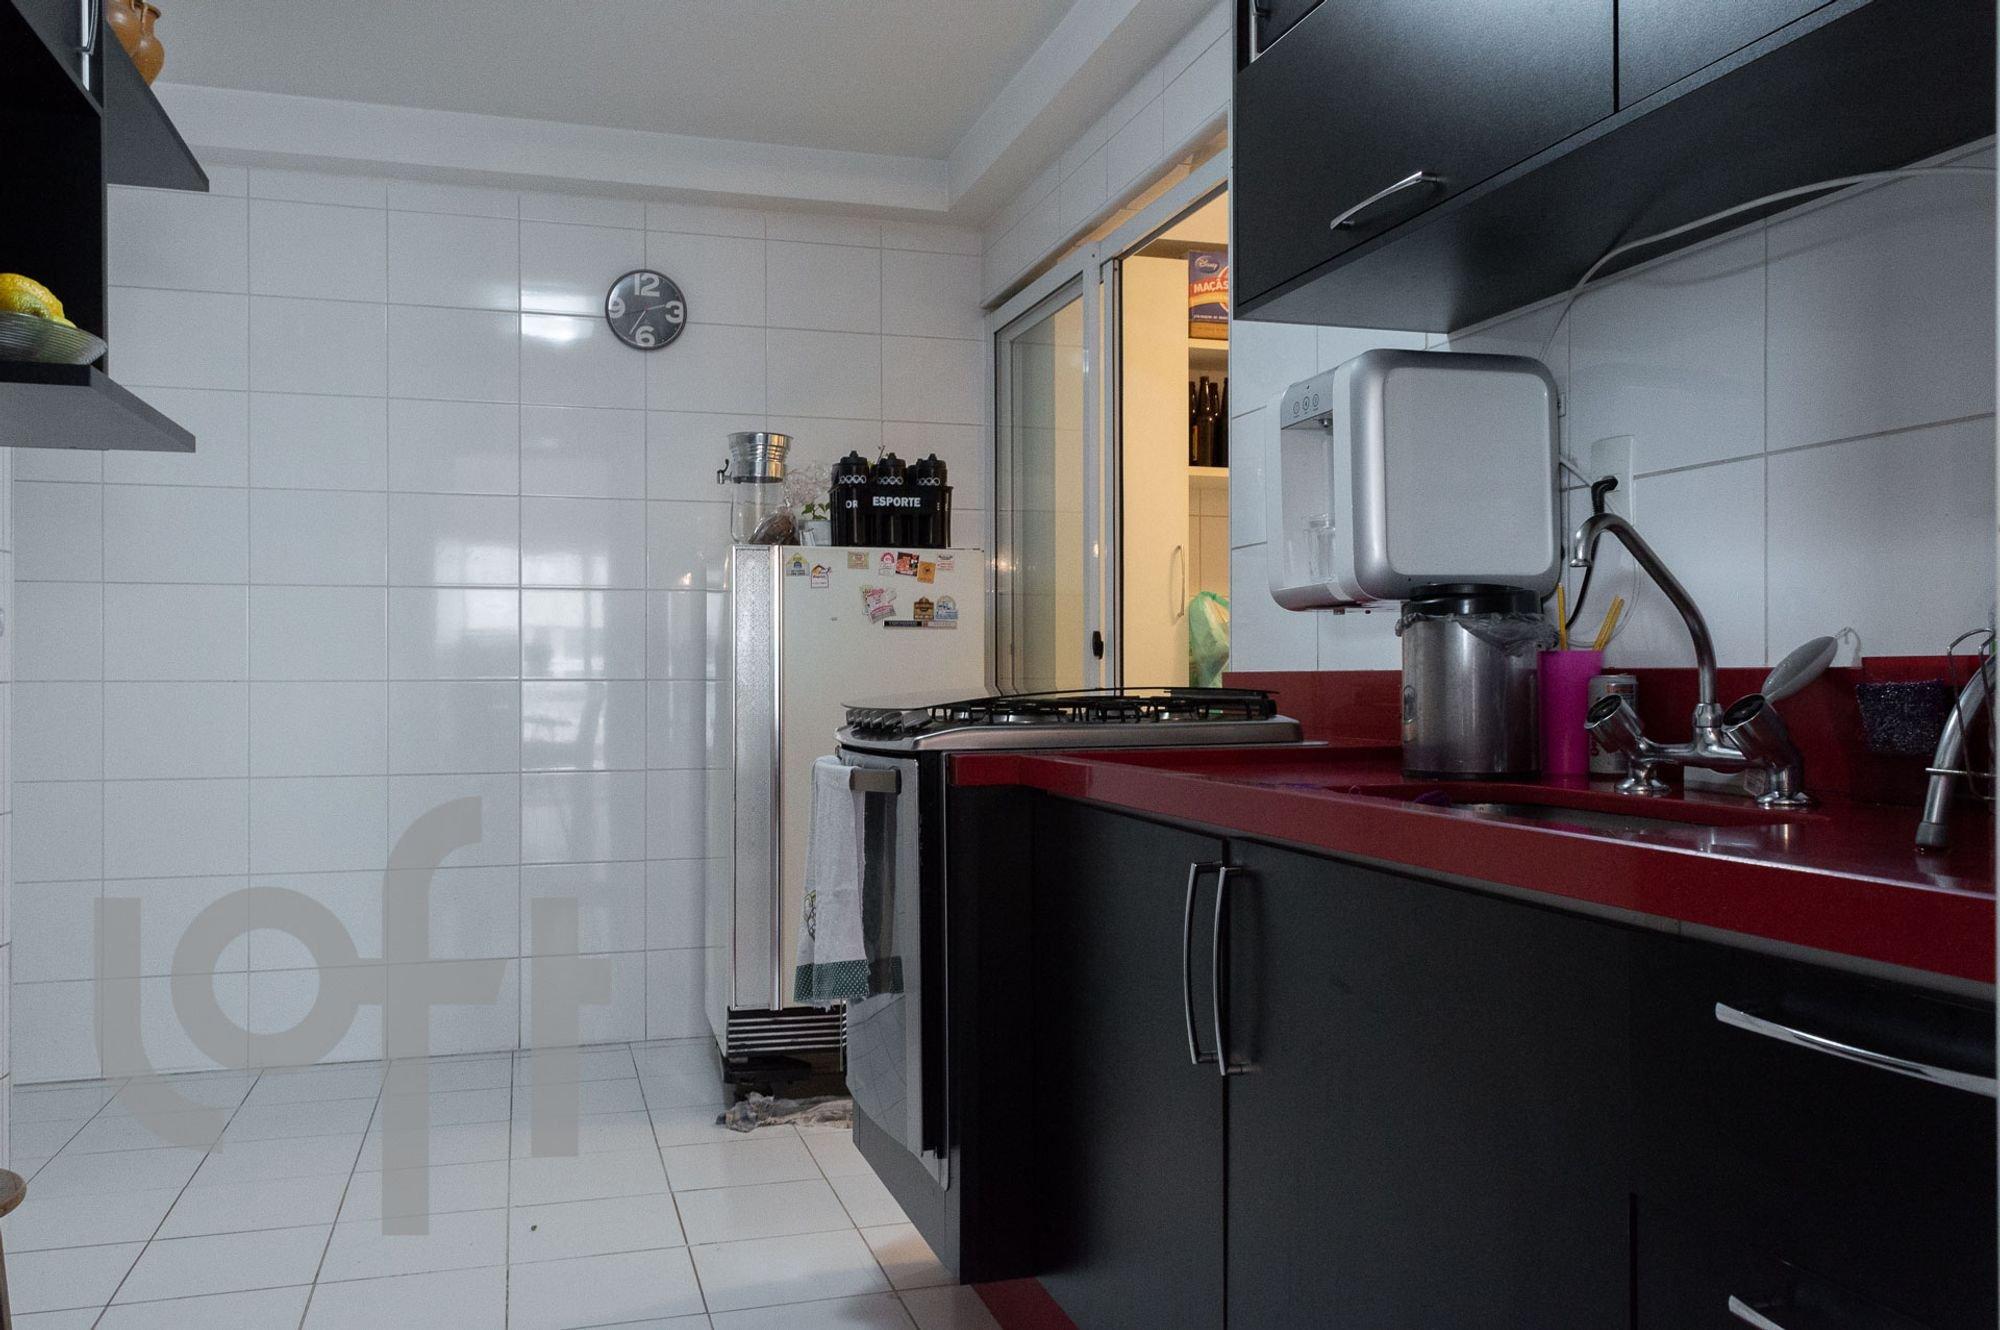 Foto de Cozinha com relógio, garrafa, forno, geladeira, pia